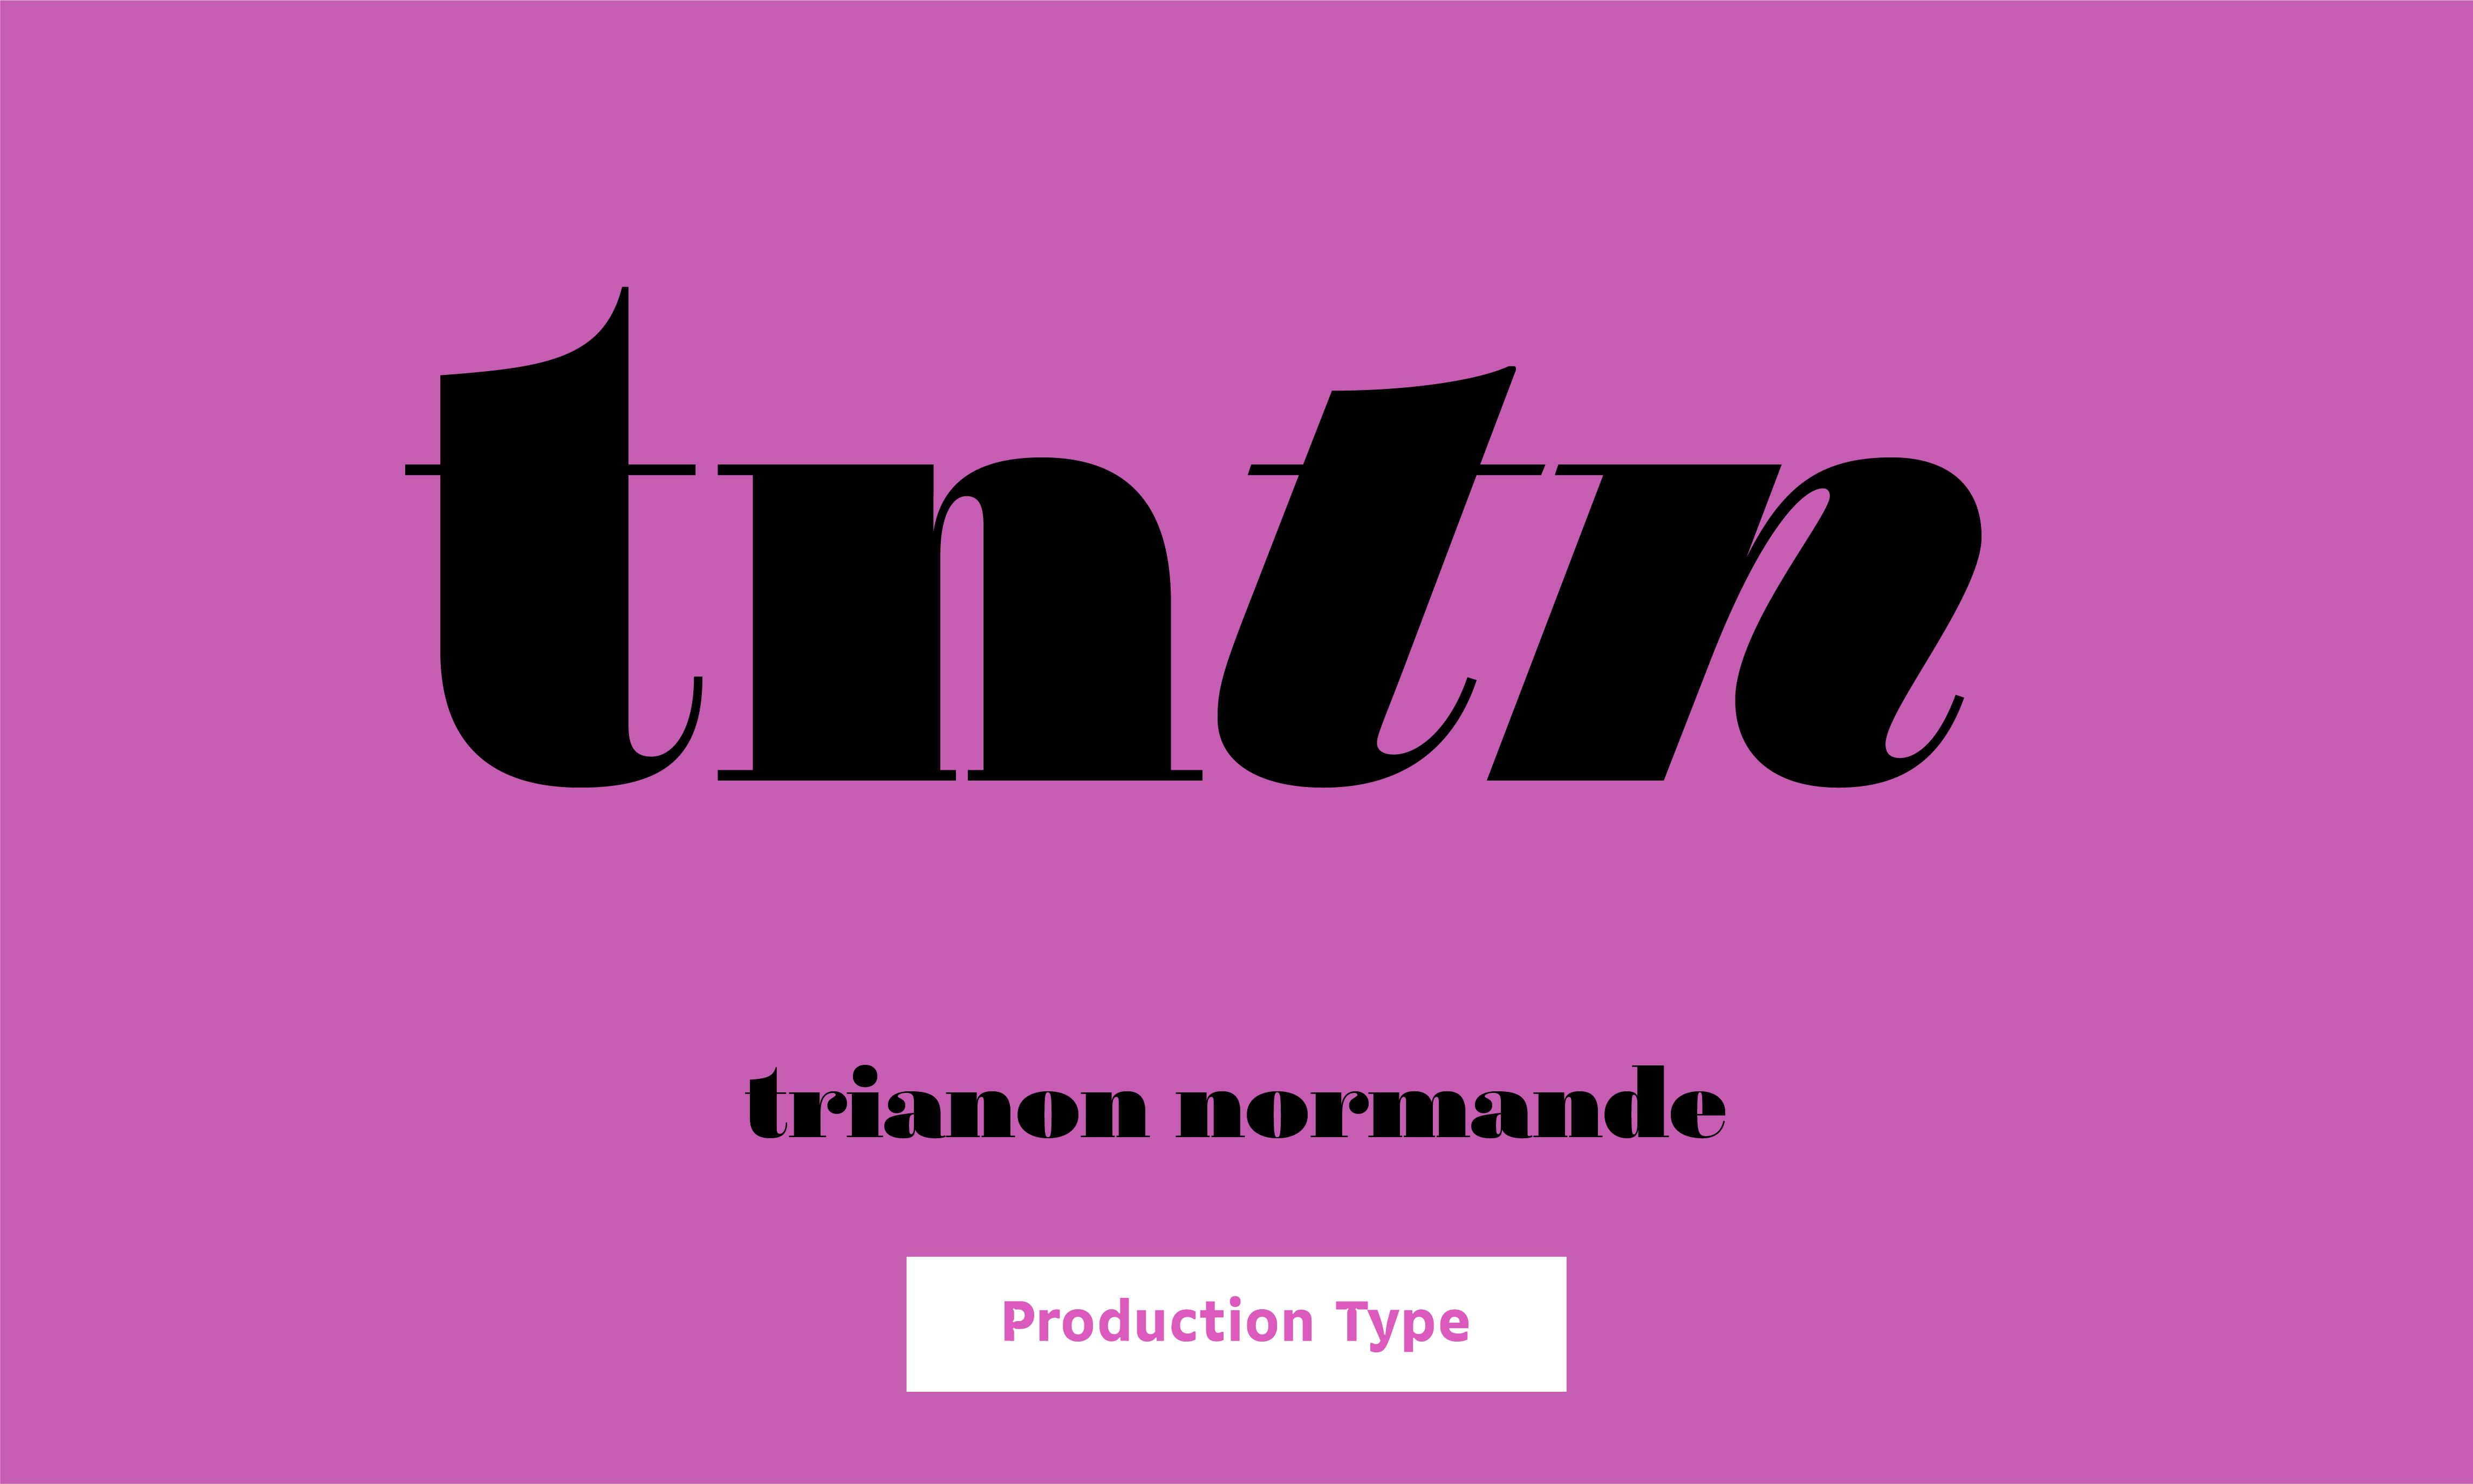 trianon_normande 메인